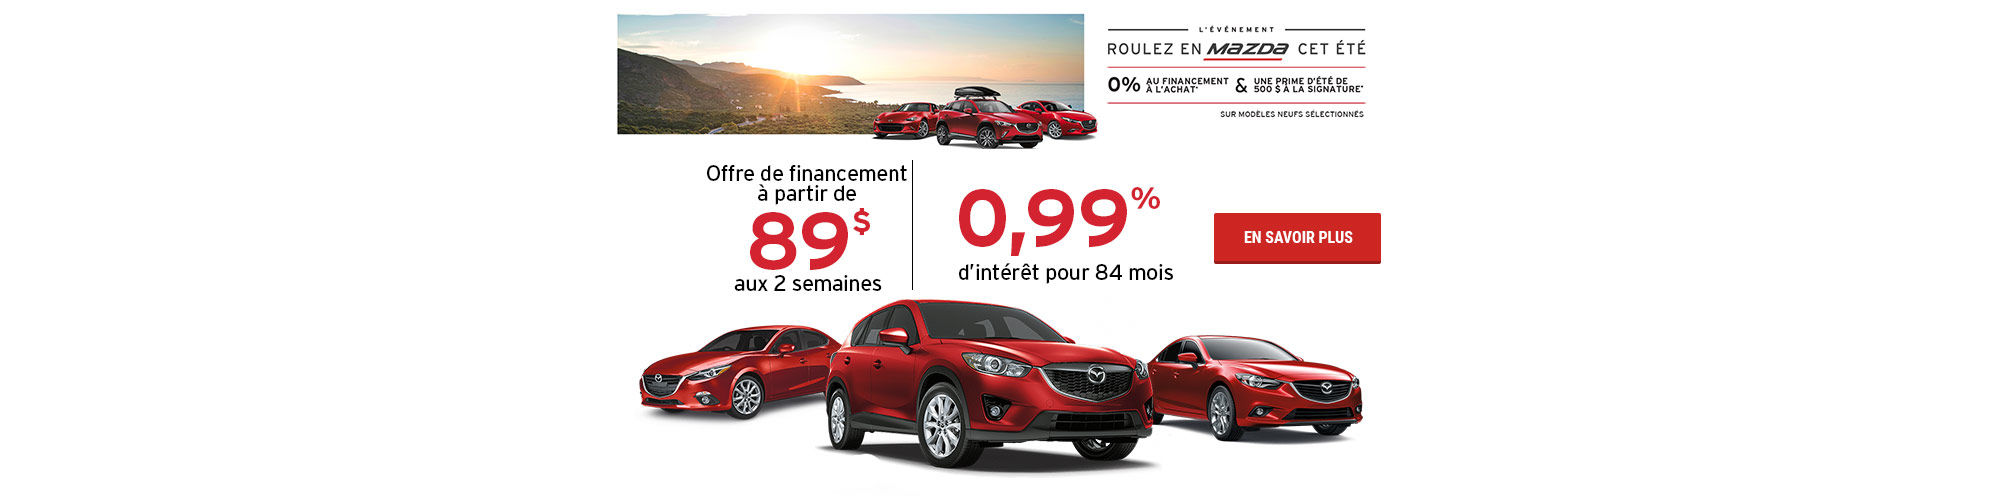 L'événement roulez en Mazda cet été